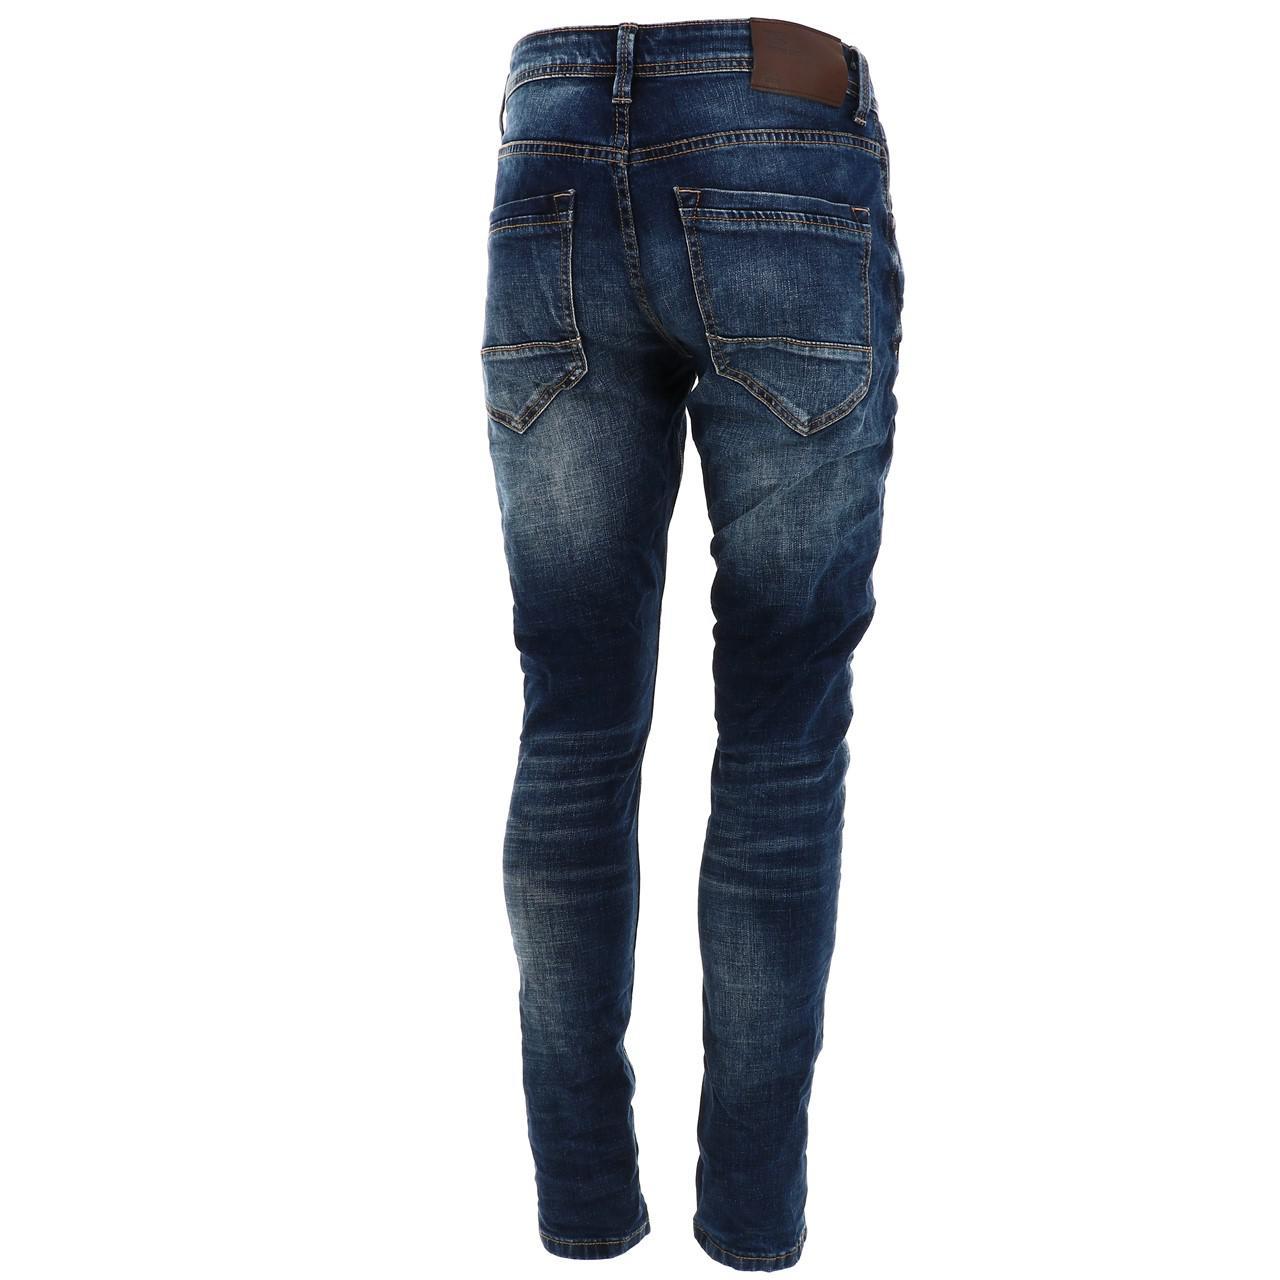 Jeans-Pants-Senders-Bullon-Used-Blue-Blue-41918-New thumbnail 5